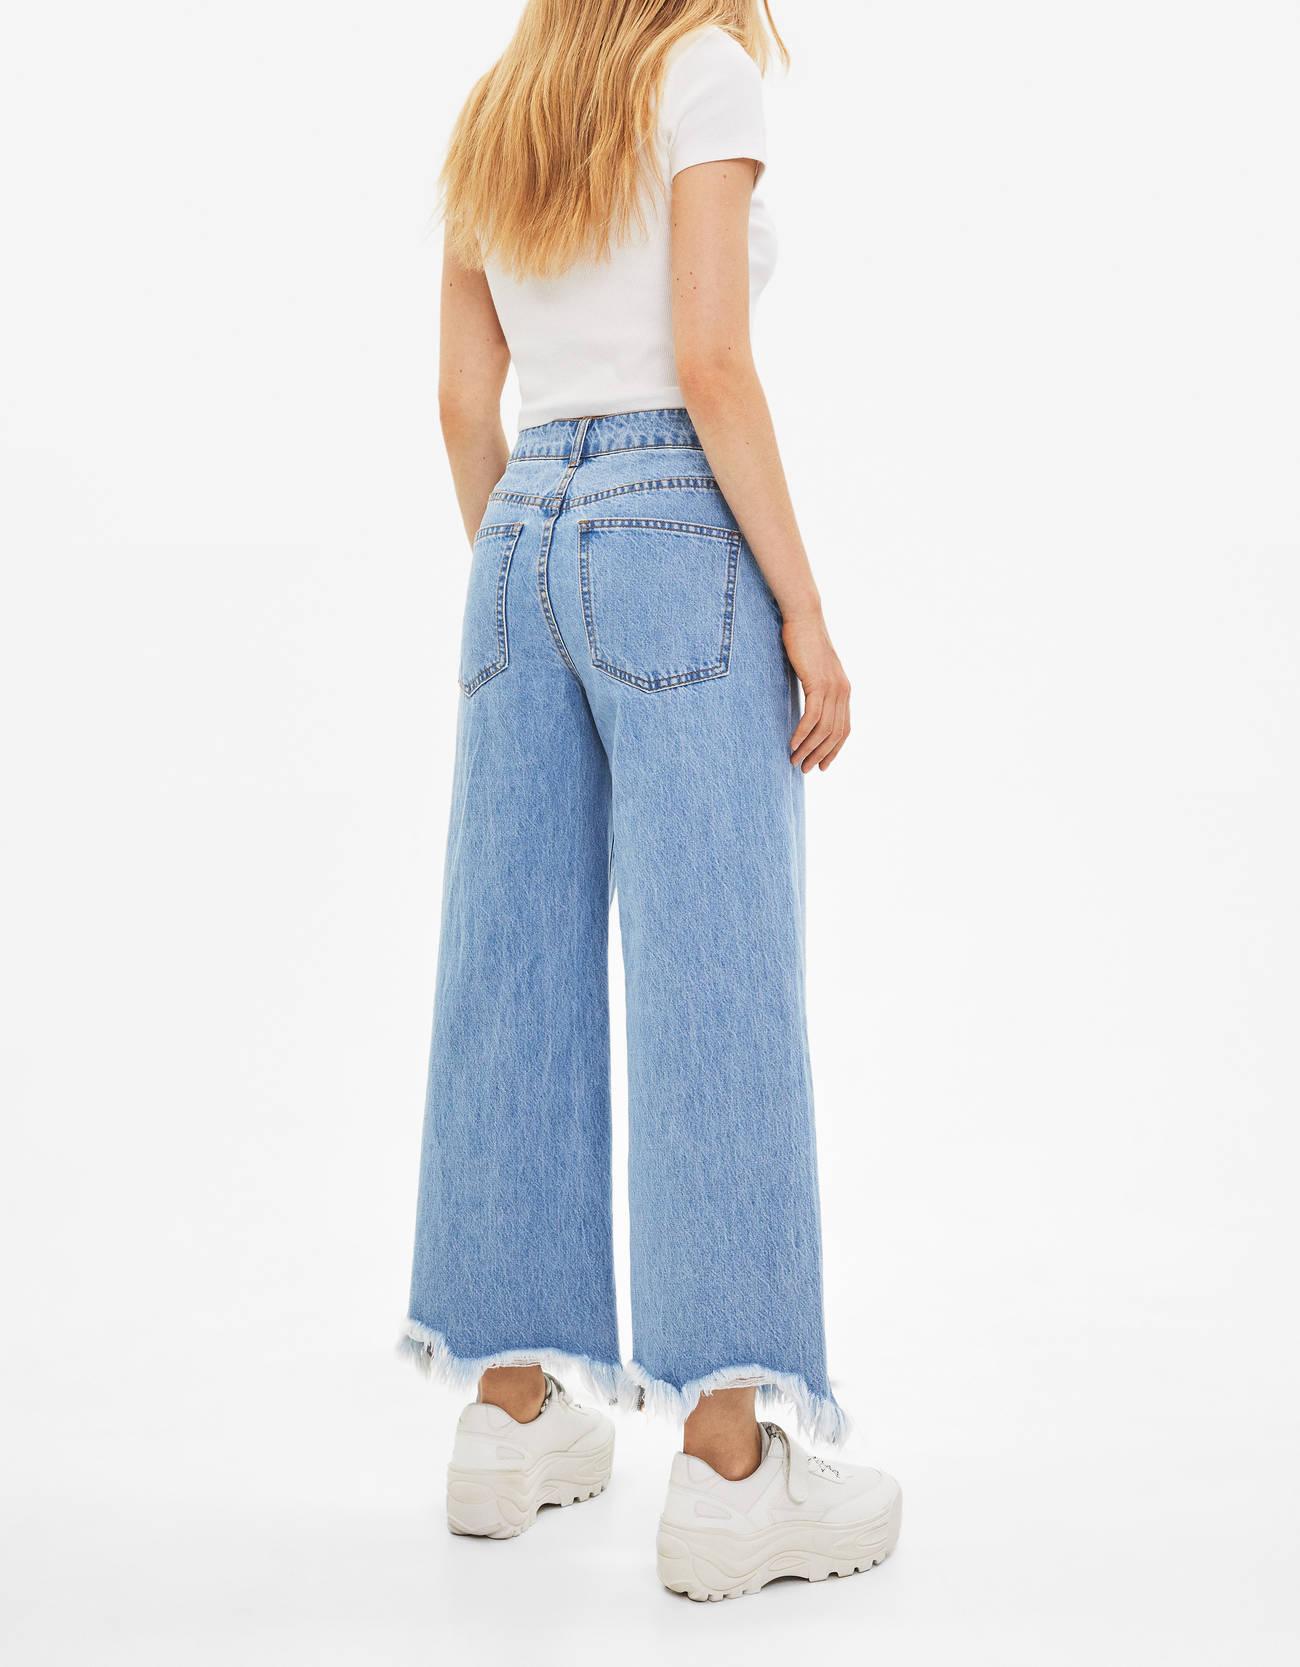 Джинсовые брюки-кюлоты с высокой посадкой Синий застиранный Bershka